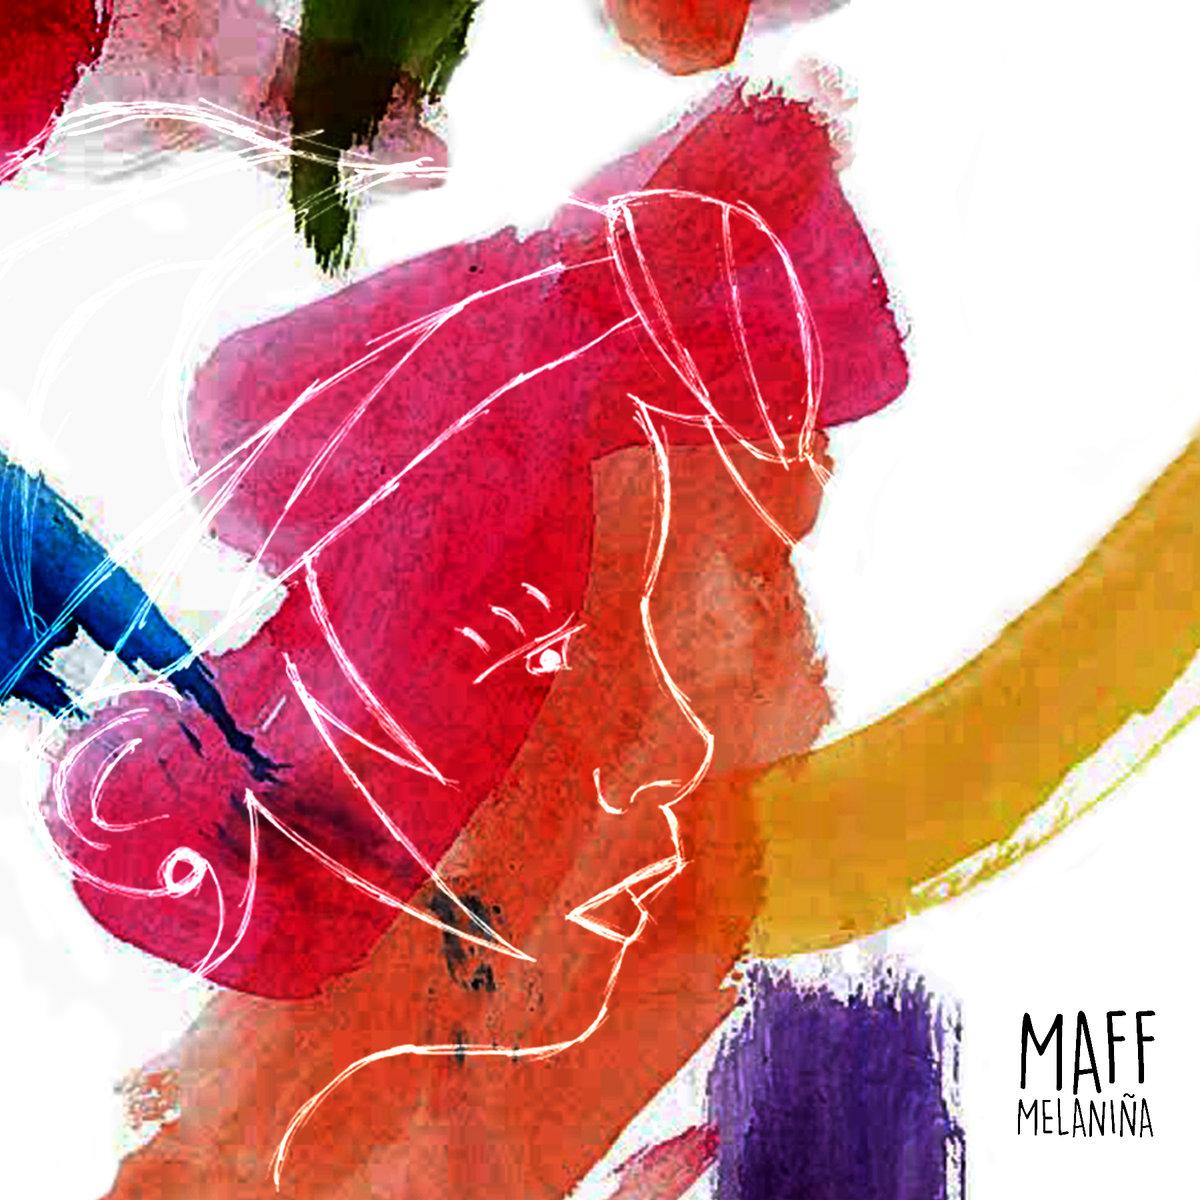 Maff – Melaniña (2018)